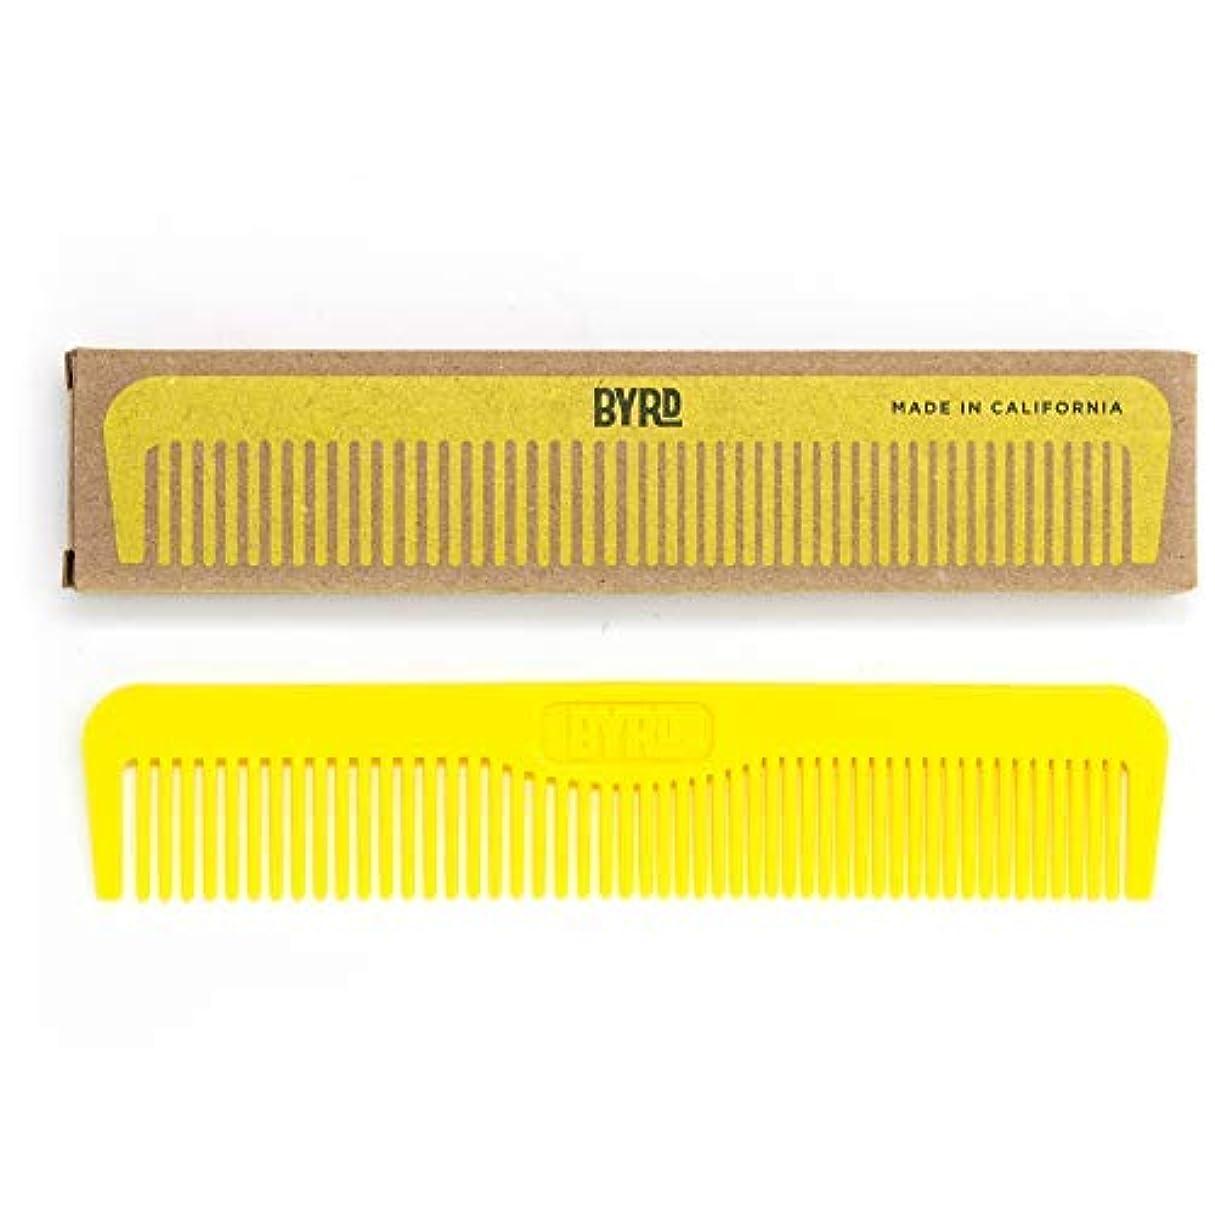 狂乱チャーミング歩道BYRD Pocket Comb - Durable, Flexible, Tangle Free, Styling Comb, For All Hair Types, Back Pocket Friendly [並行輸入品]